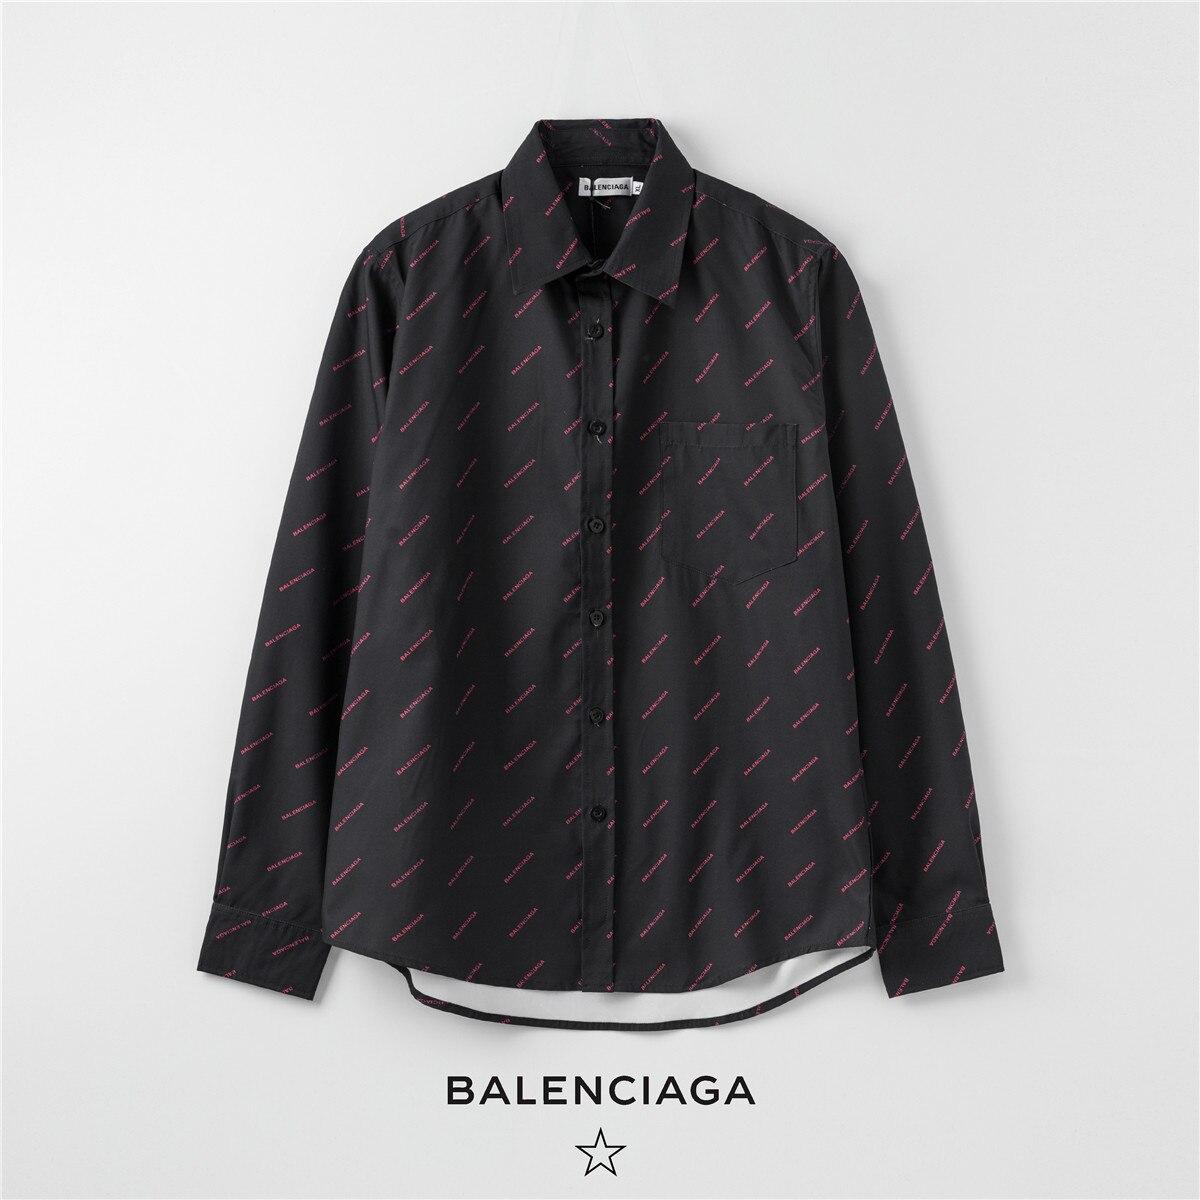 Классическая клетчатая Свободная рубашка Bal *** enciaga, Женская Повседневная универсальная Милая Студенческая Женская одежда, модная винтажная рубашка|Блузки| | АлиЭкспресс